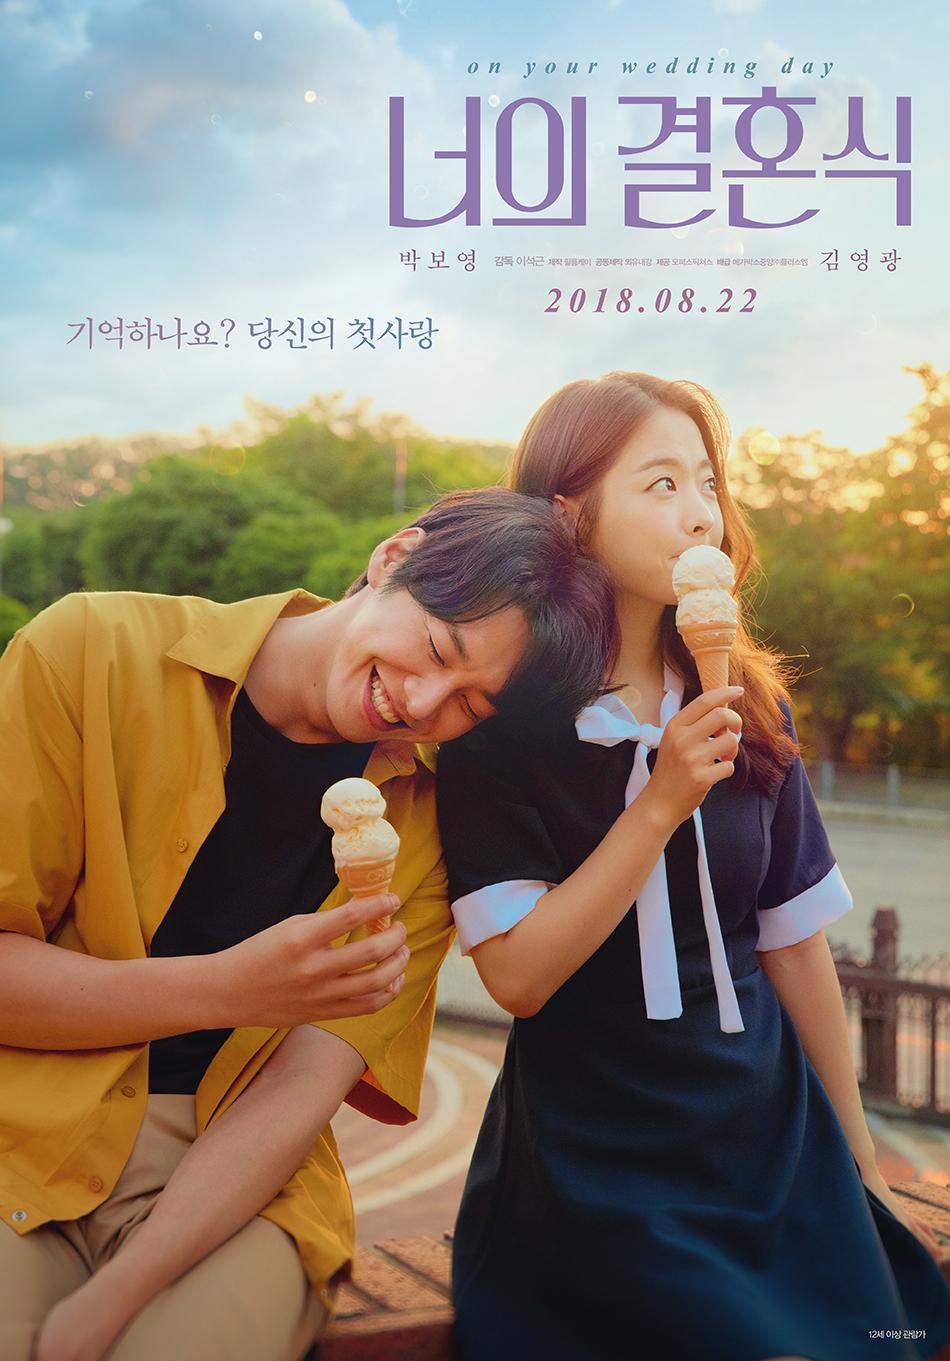 你的婚礼》官方海报及预告出炉!看朴宝英和金英光演绎初恋罗曼史- KSD 韩星网(电影)